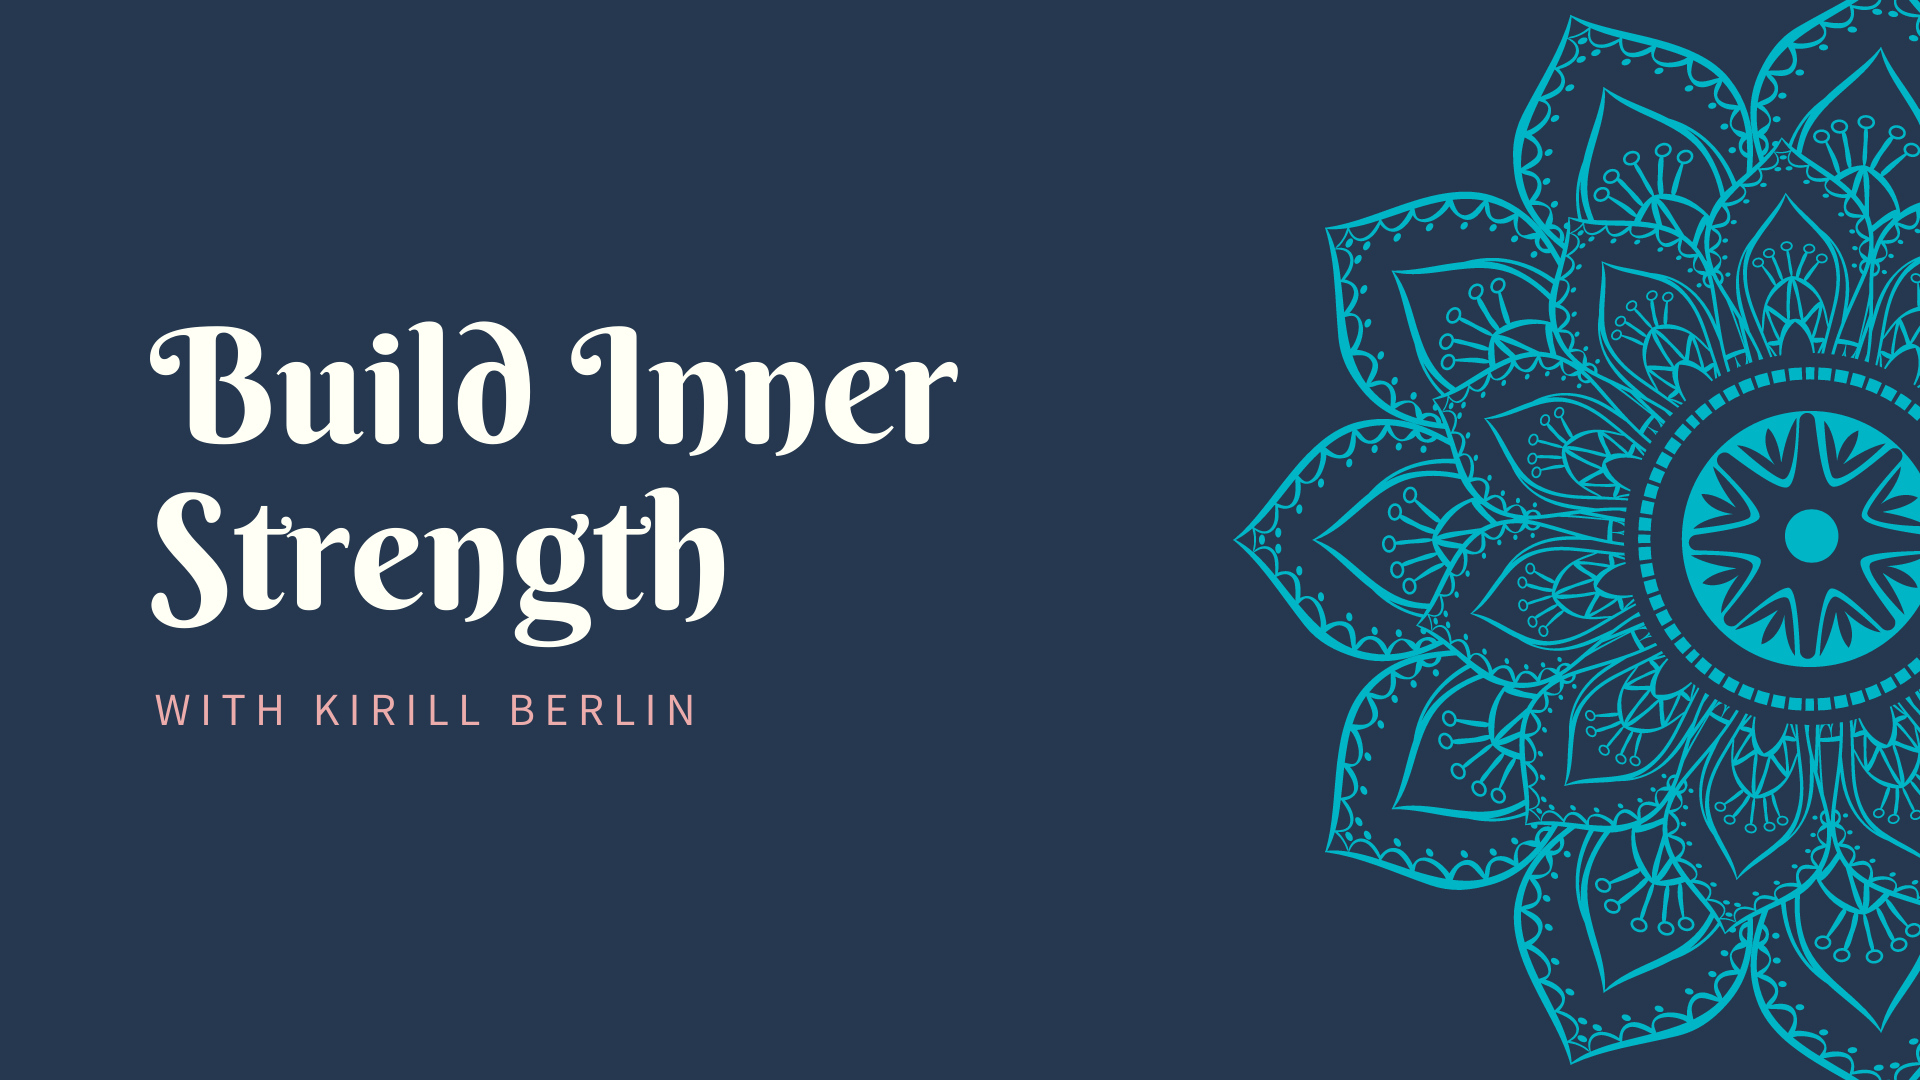 Build Inner Strength in 8 Weeks